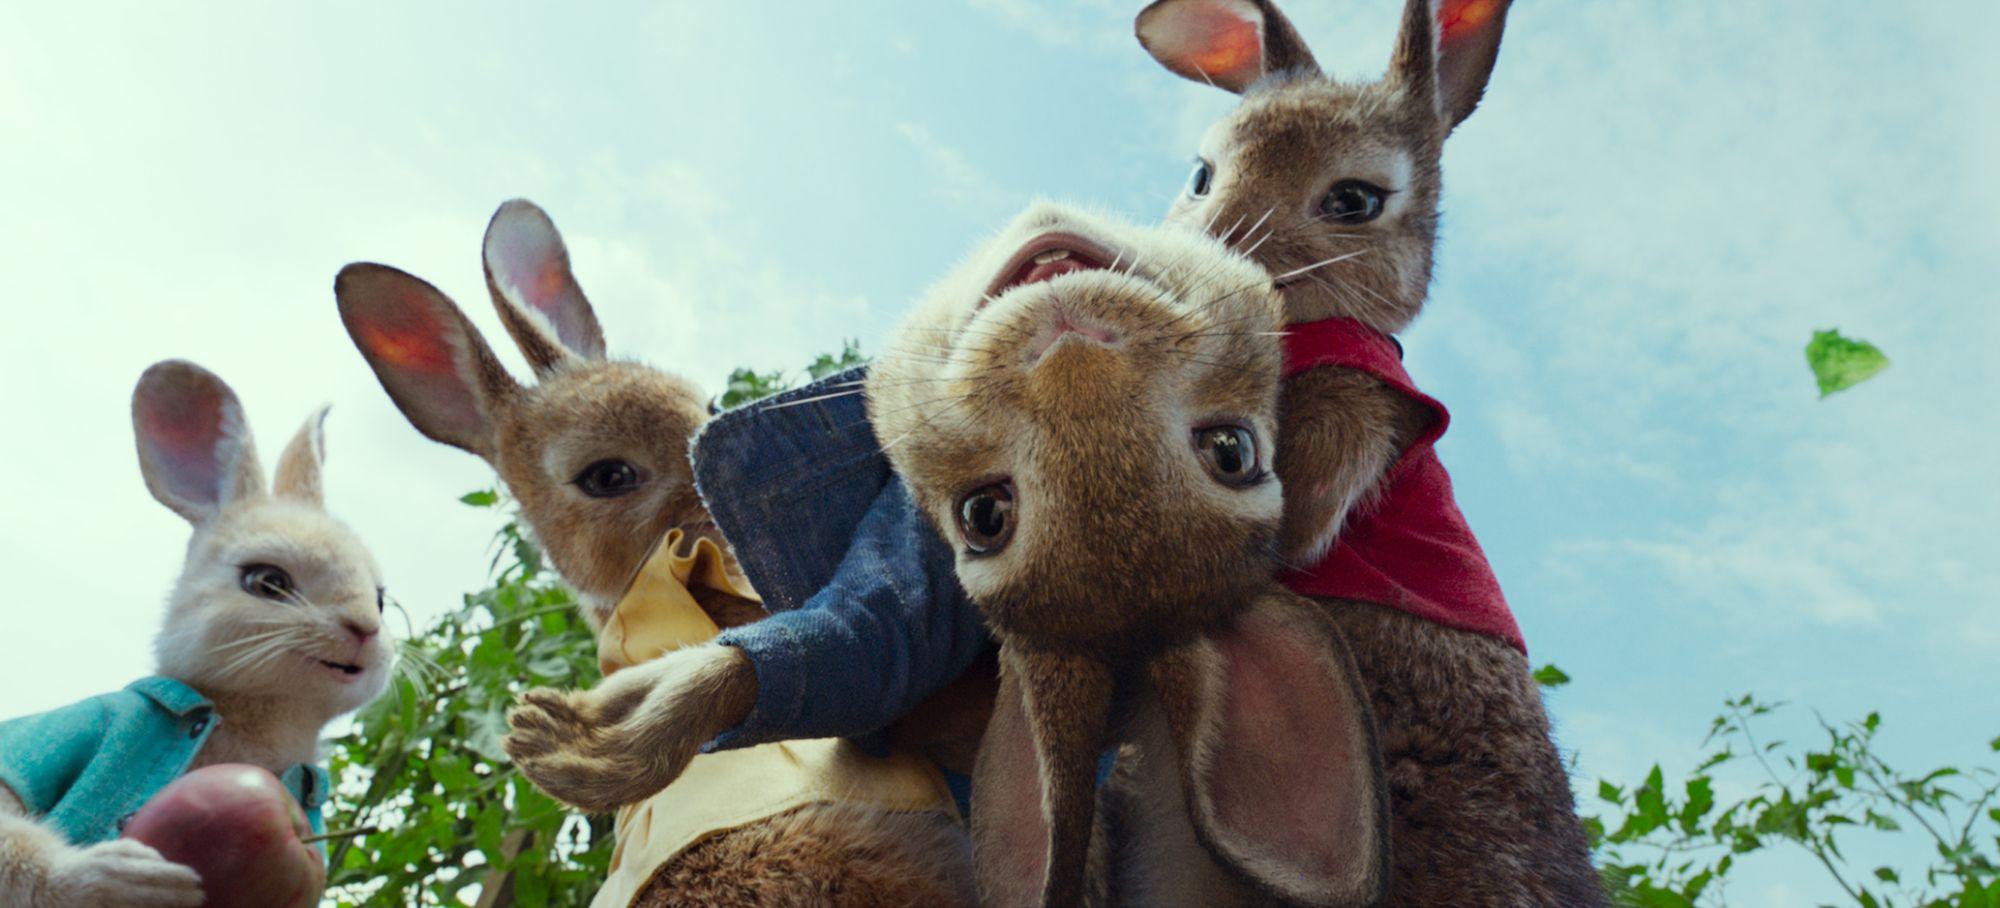 彼得兔- official trailer (hd),满满的小动画,感觉会很好看的样子.